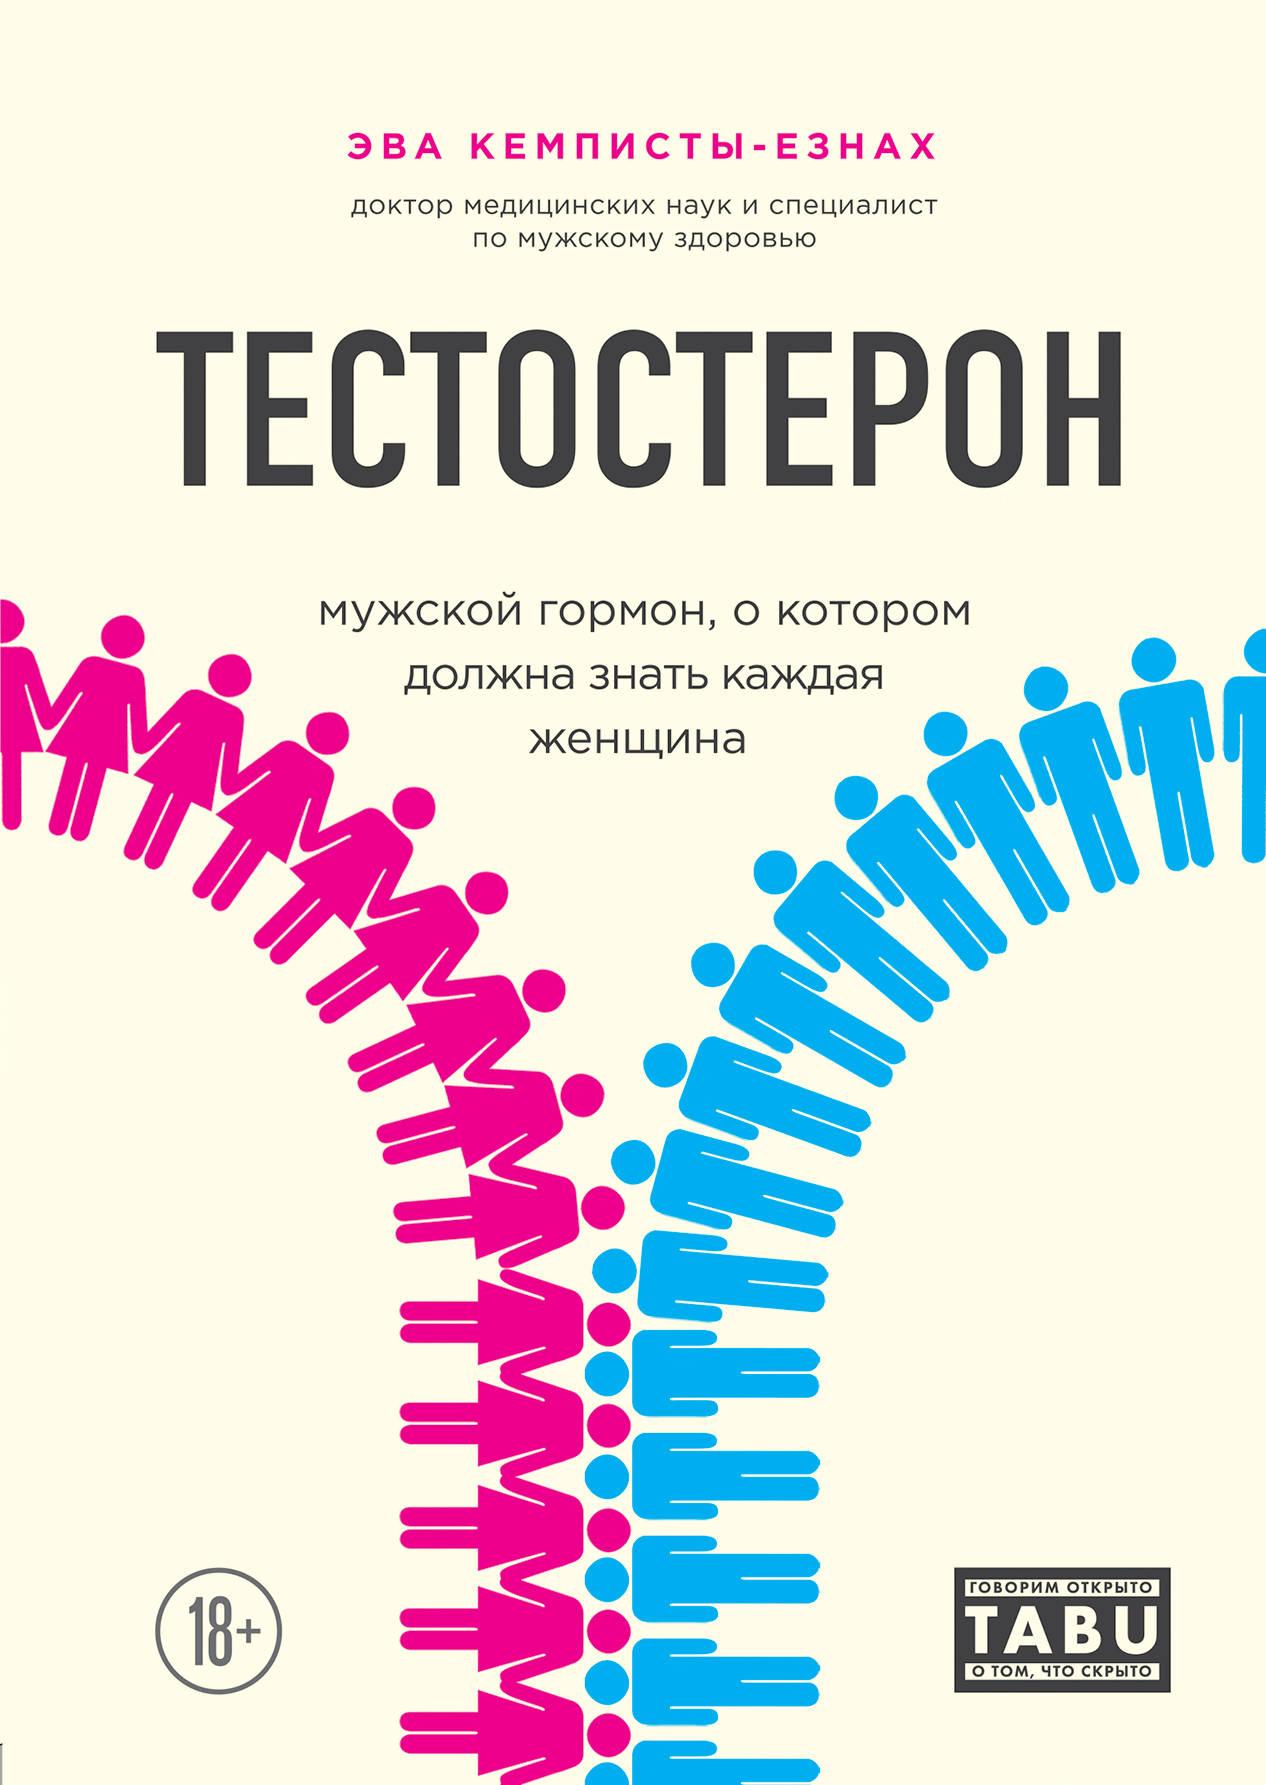 Testosteron. Muzhskoj gormon, o kotorom dolzhna znat kazhdaja zhenschina